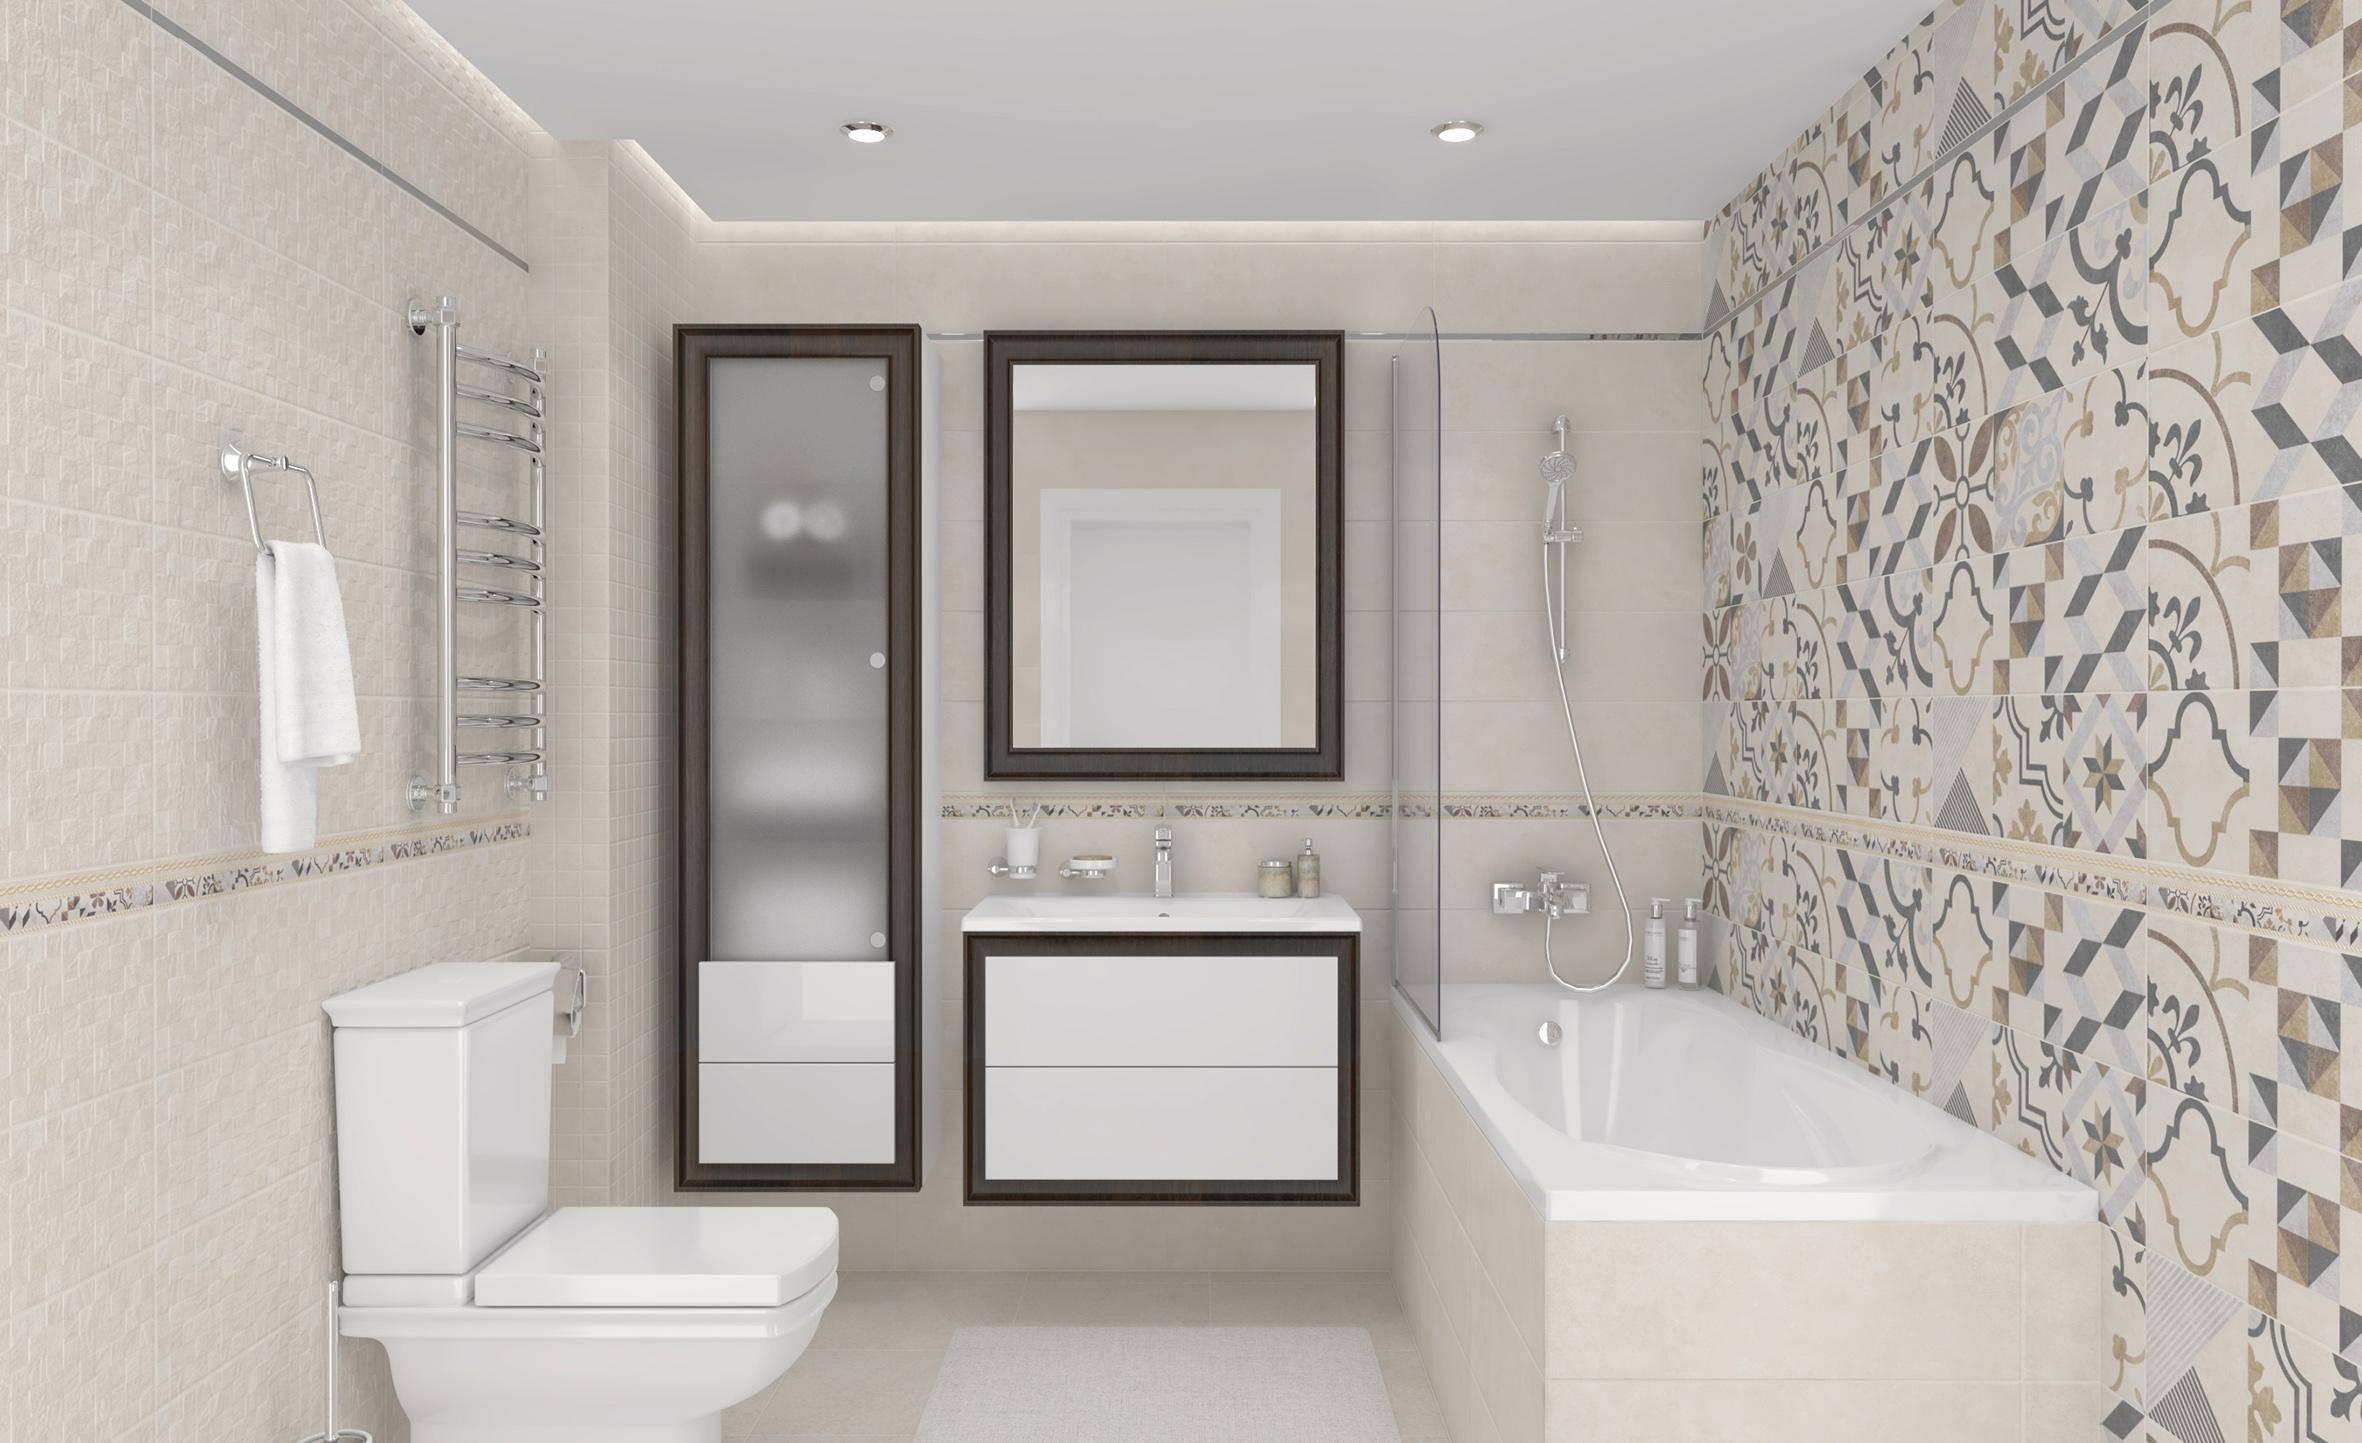 Плитка под бетон: керамическая настенная плитка в интерьере, дизайн и текстура